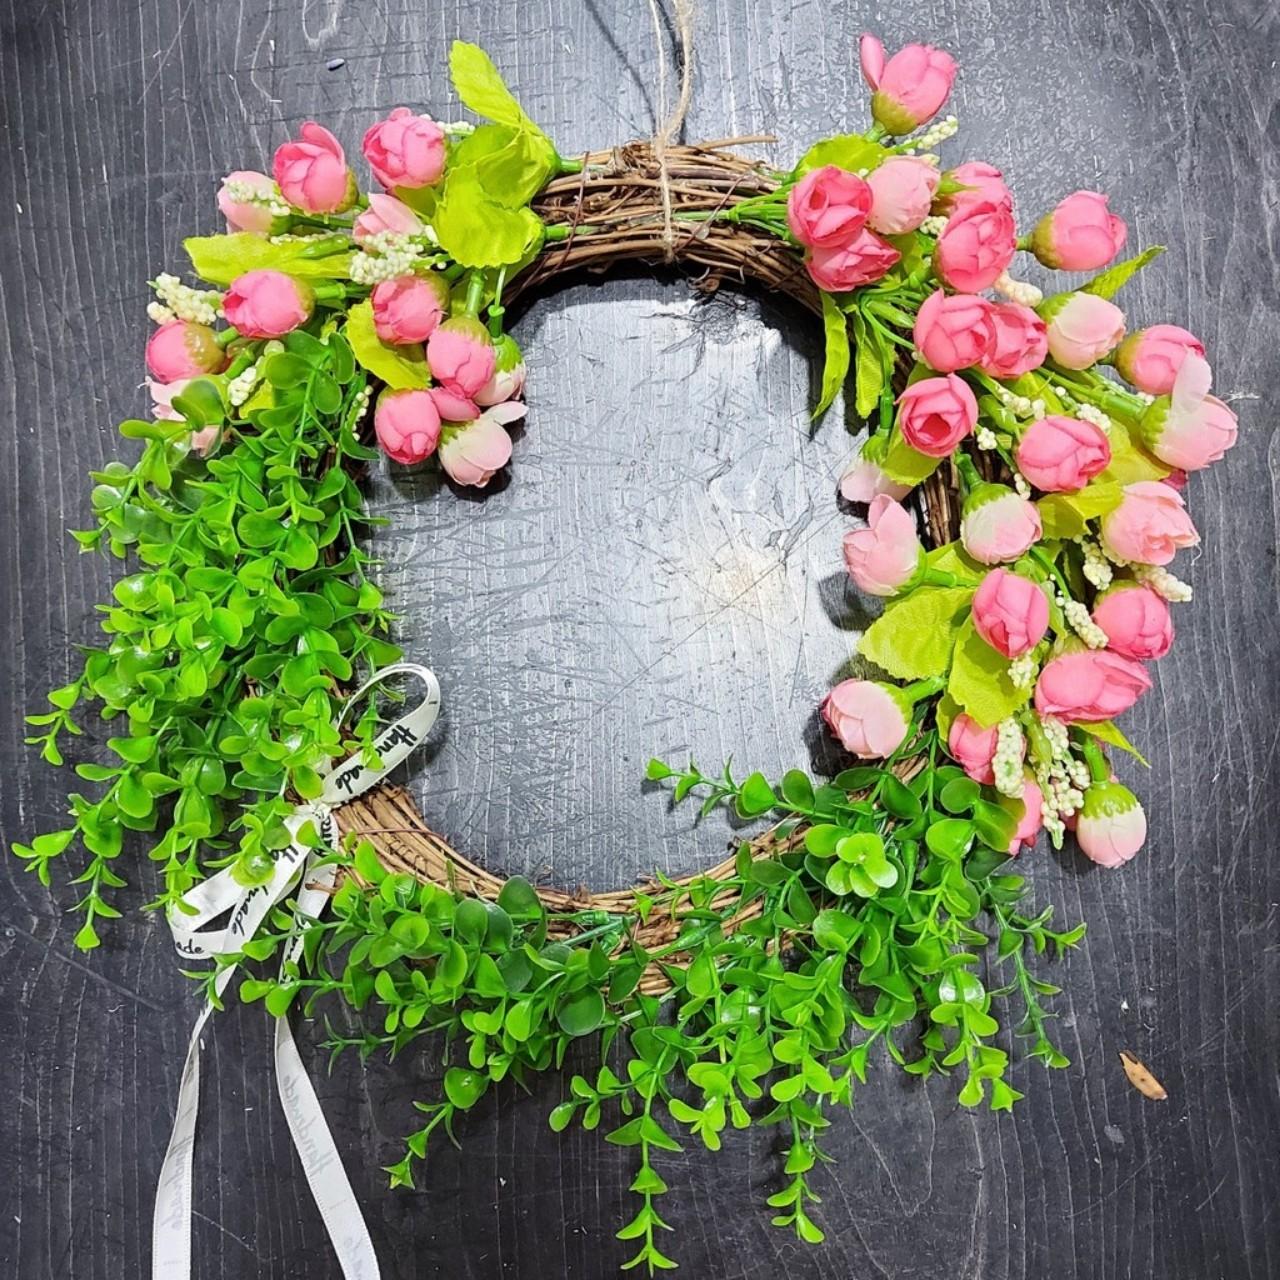 Vòng hoa giả vòng hoa cỏ xanh kết hợp hoa nhí